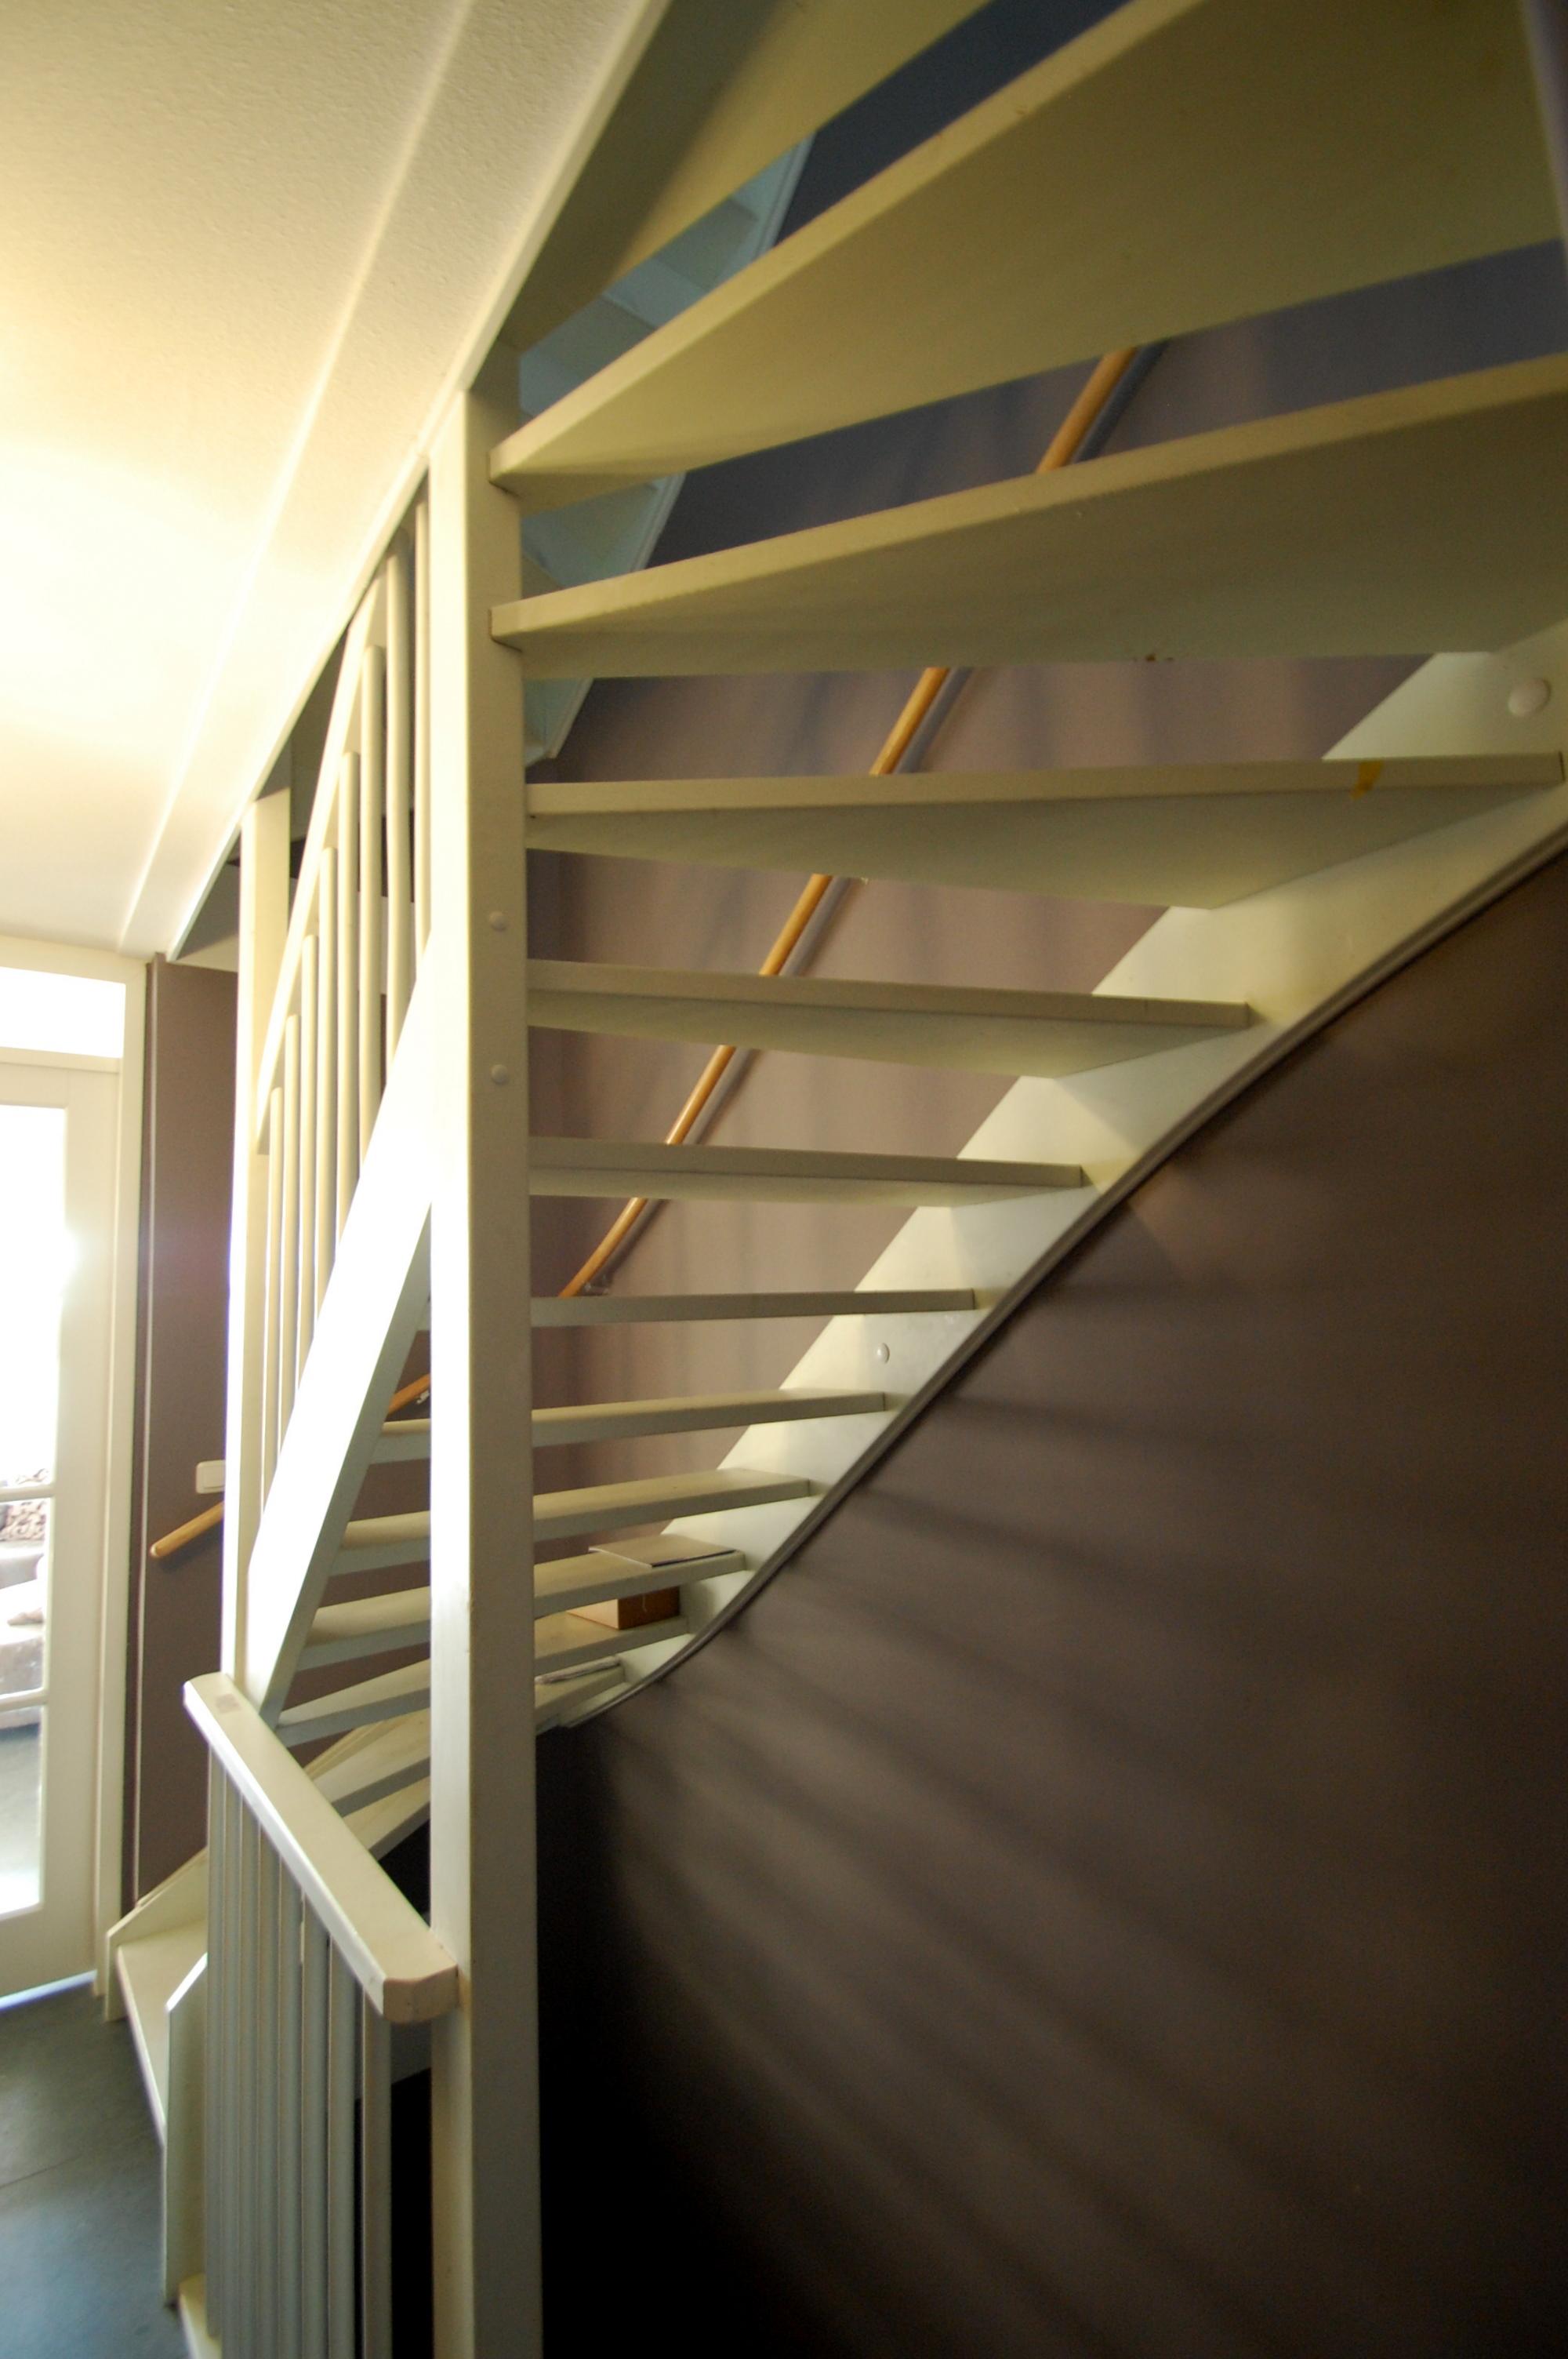 Witte Keuken Taupe Muur : De muur achter de witte trap is afgewerkt in een donkere kleur taupe.